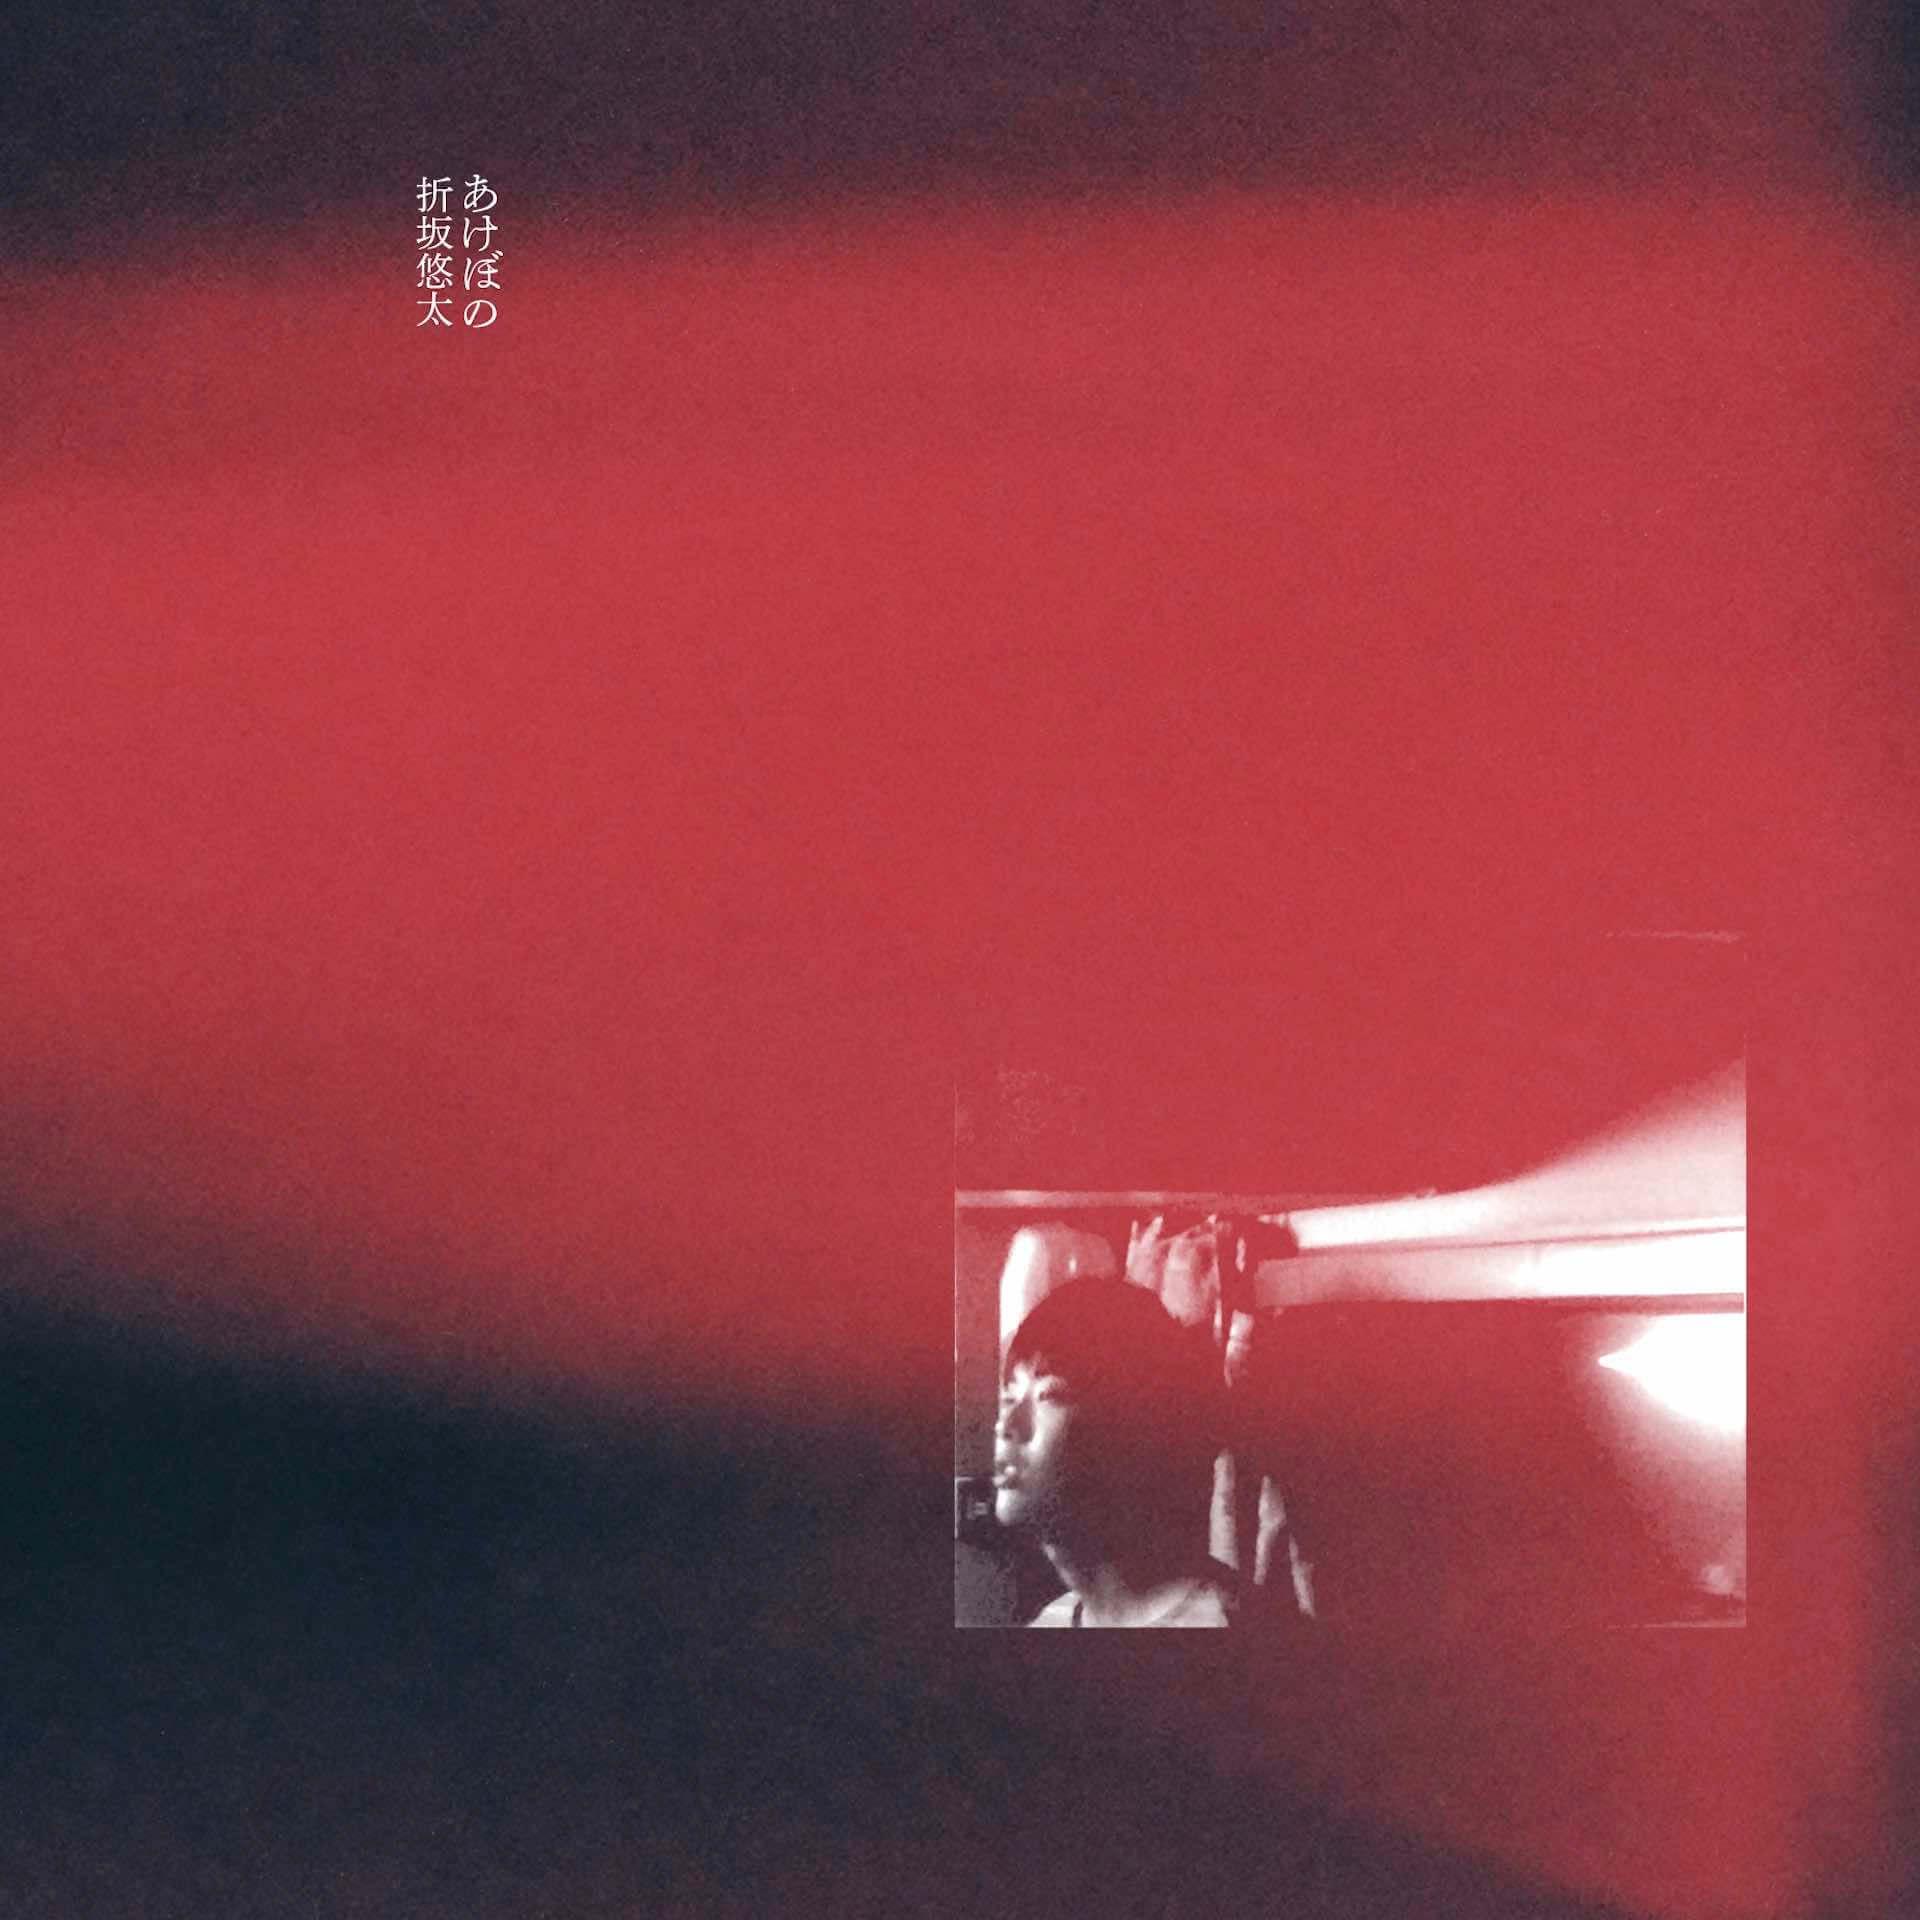 折坂悠太の初期作品『あけぼの』『たむけ』アナログ化記念!制作秘話など語った公式インタビューが公開 music201030_orisakayuta_4-1920x1920